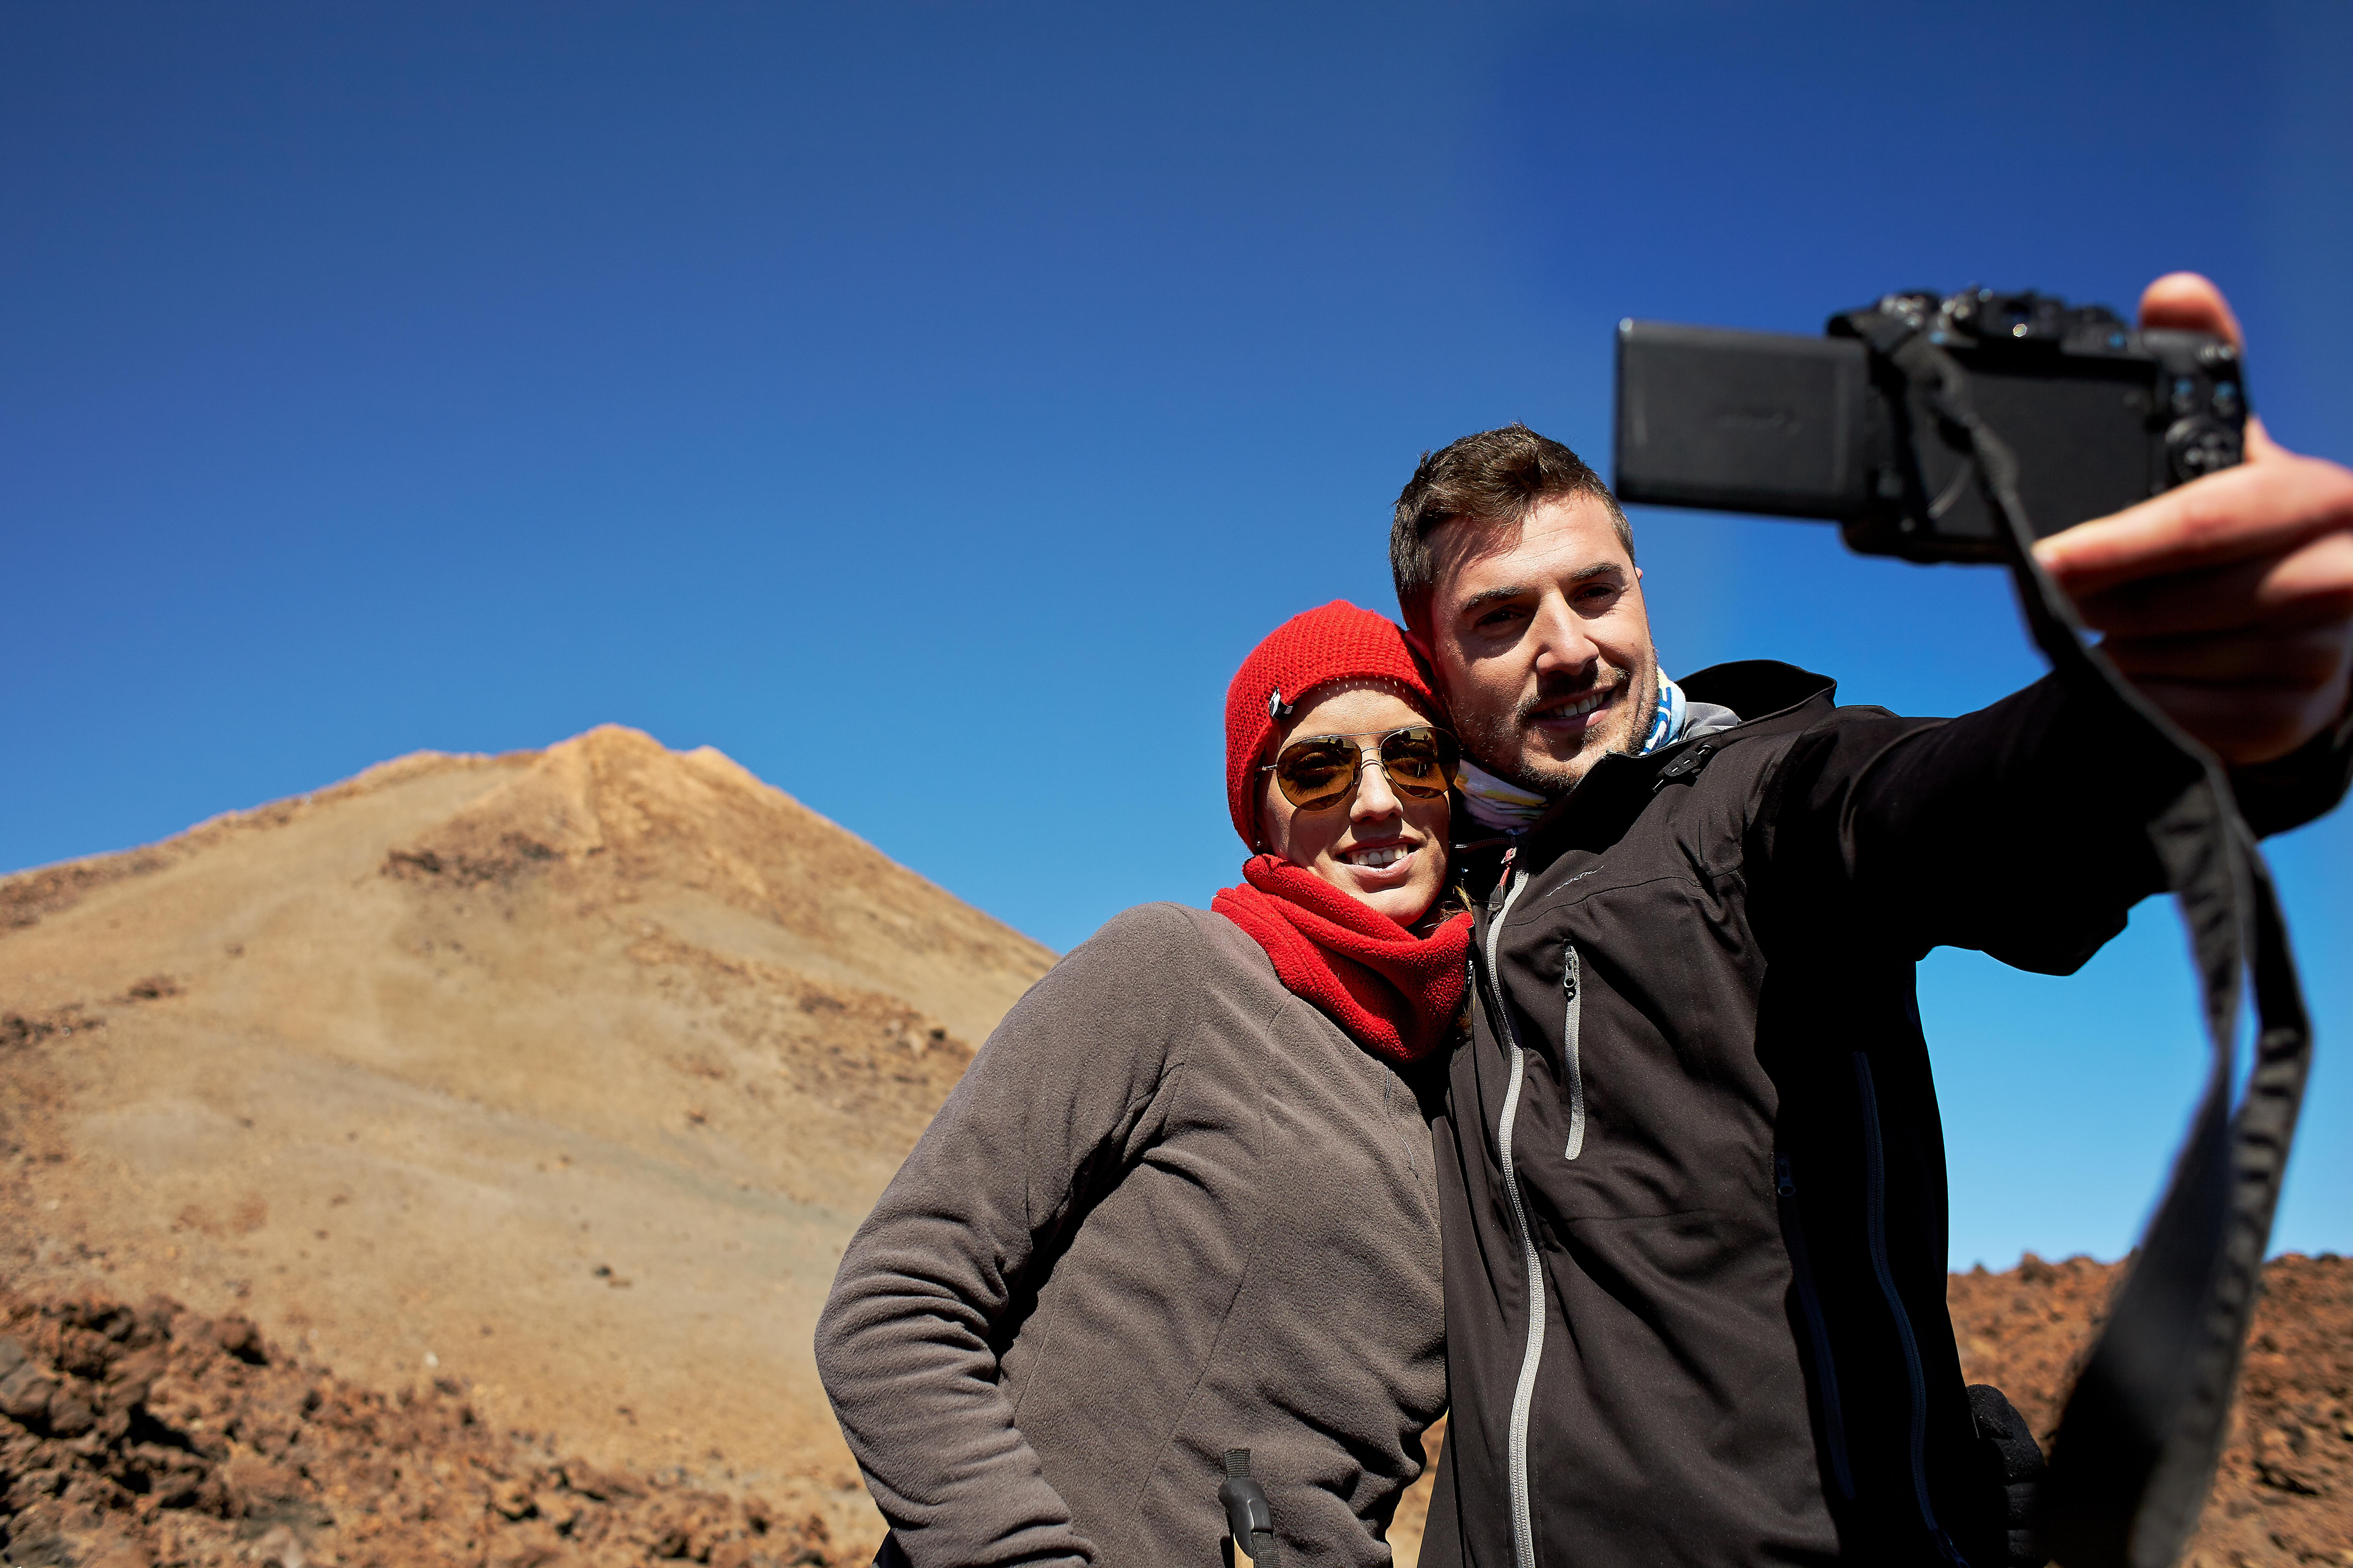 Uwaga odkrywco! Jeśli wybierasz się na Teneryfę, mogą Cię zainteresować te wycieczki z przewodnikiem na Teide